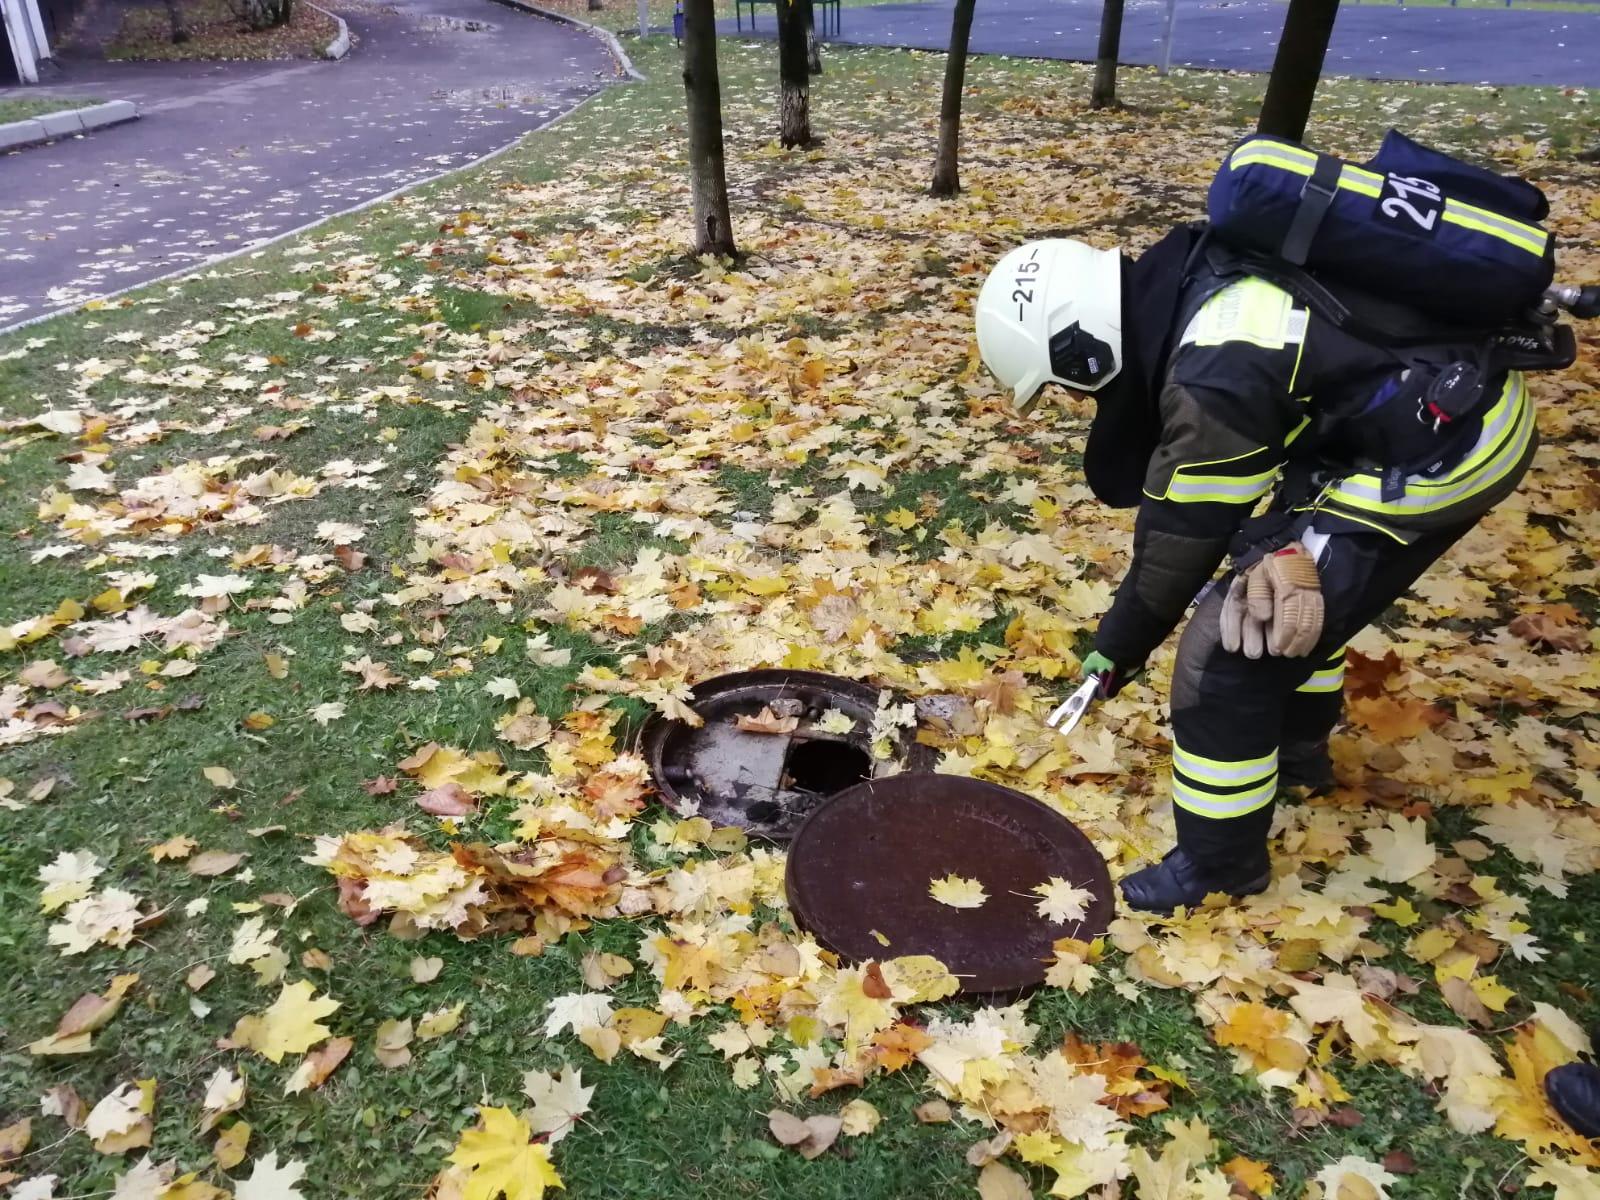 Пожарные ПСО № 215 Пожарно-спасательного центра города Москвы провели пожарно-тактические учения по тушению условного пожара